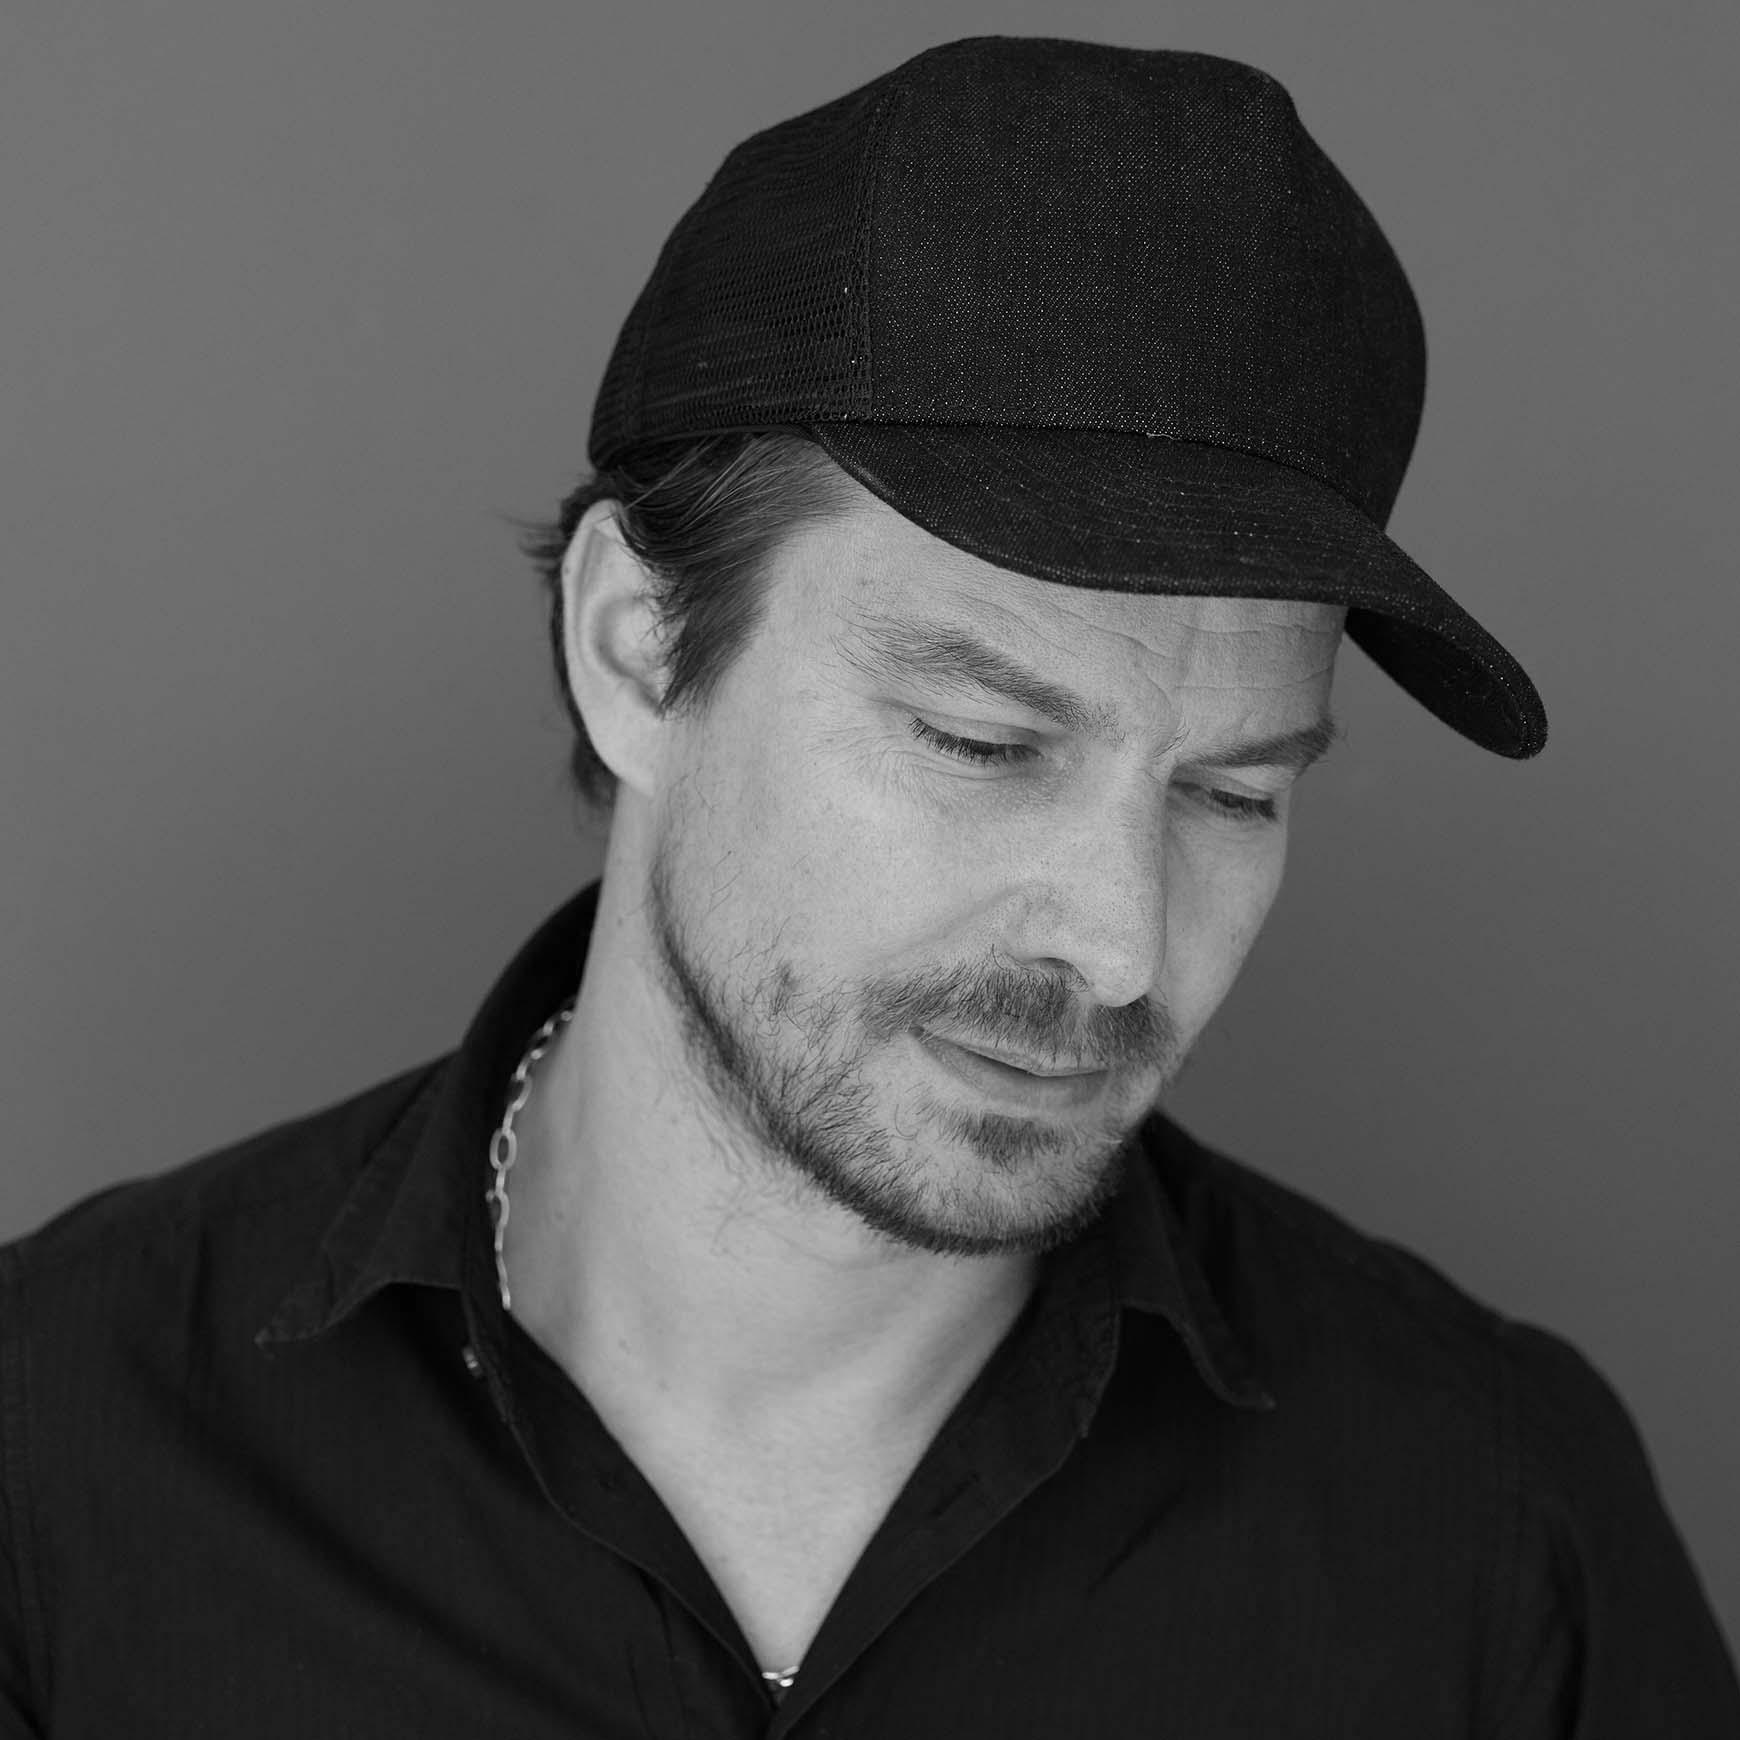 Stefan Diez(ステファン・ディーツ)